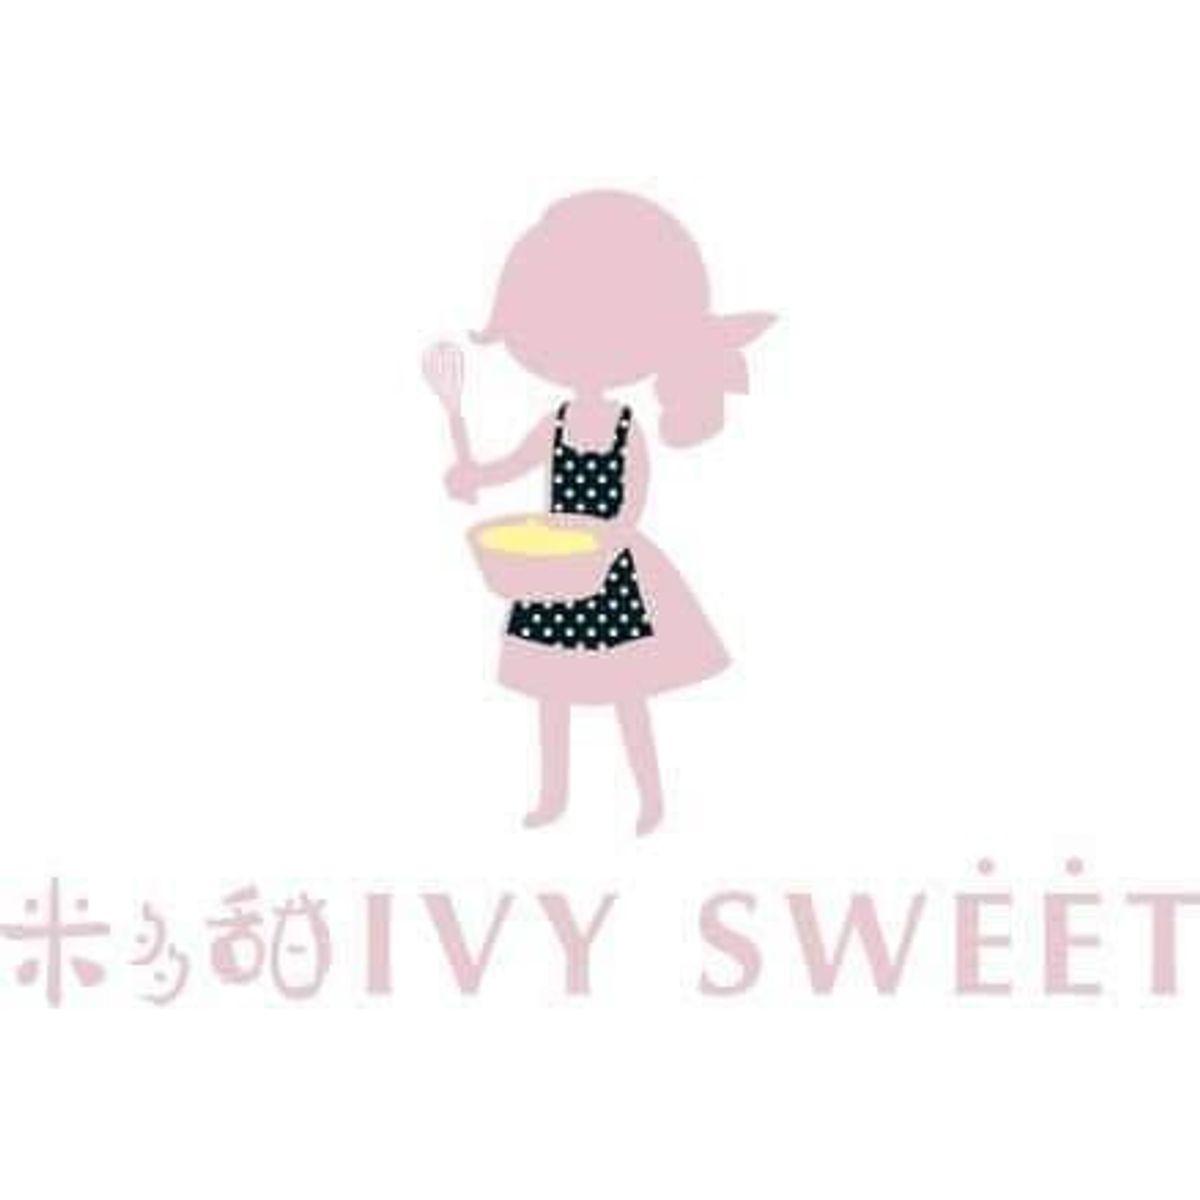 米多甜 IVY SWEET